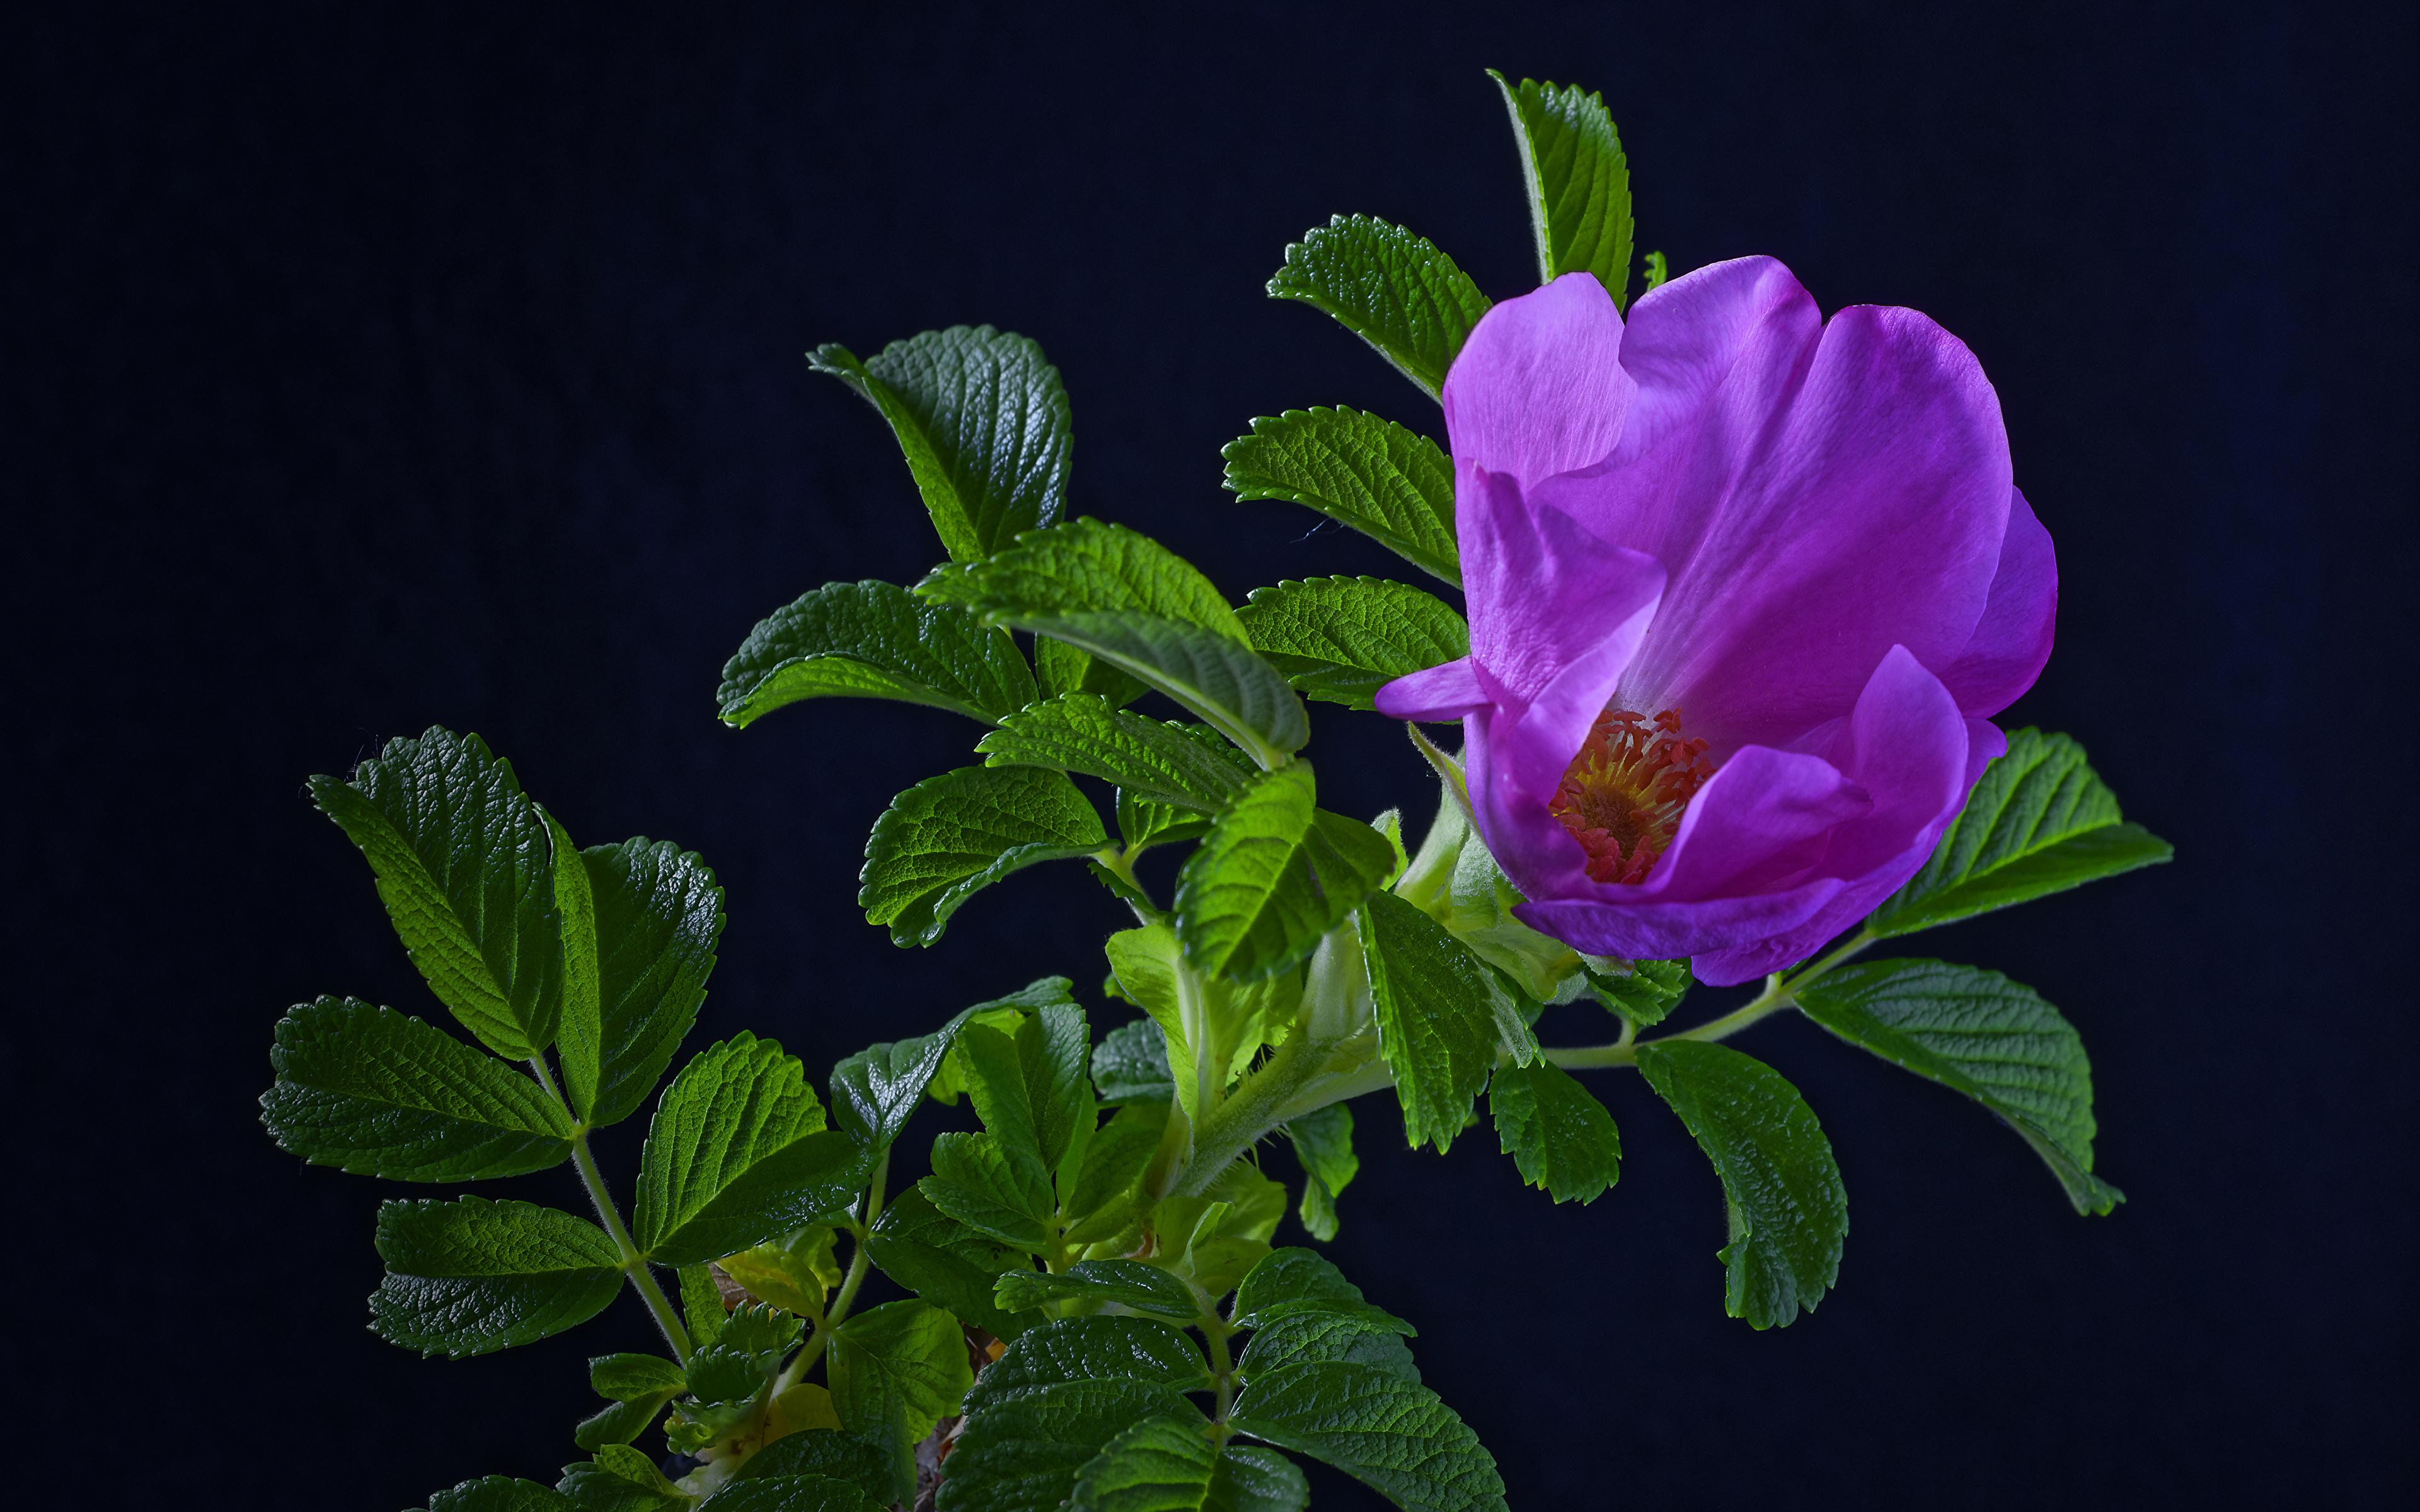 Обои для рабочего стола Листья роза фиолетовых цветок ветка Черный фон 3840x2400 лист Листва Розы Фиолетовый фиолетовая фиолетовые Цветы ветвь Ветки на ветке на черном фоне